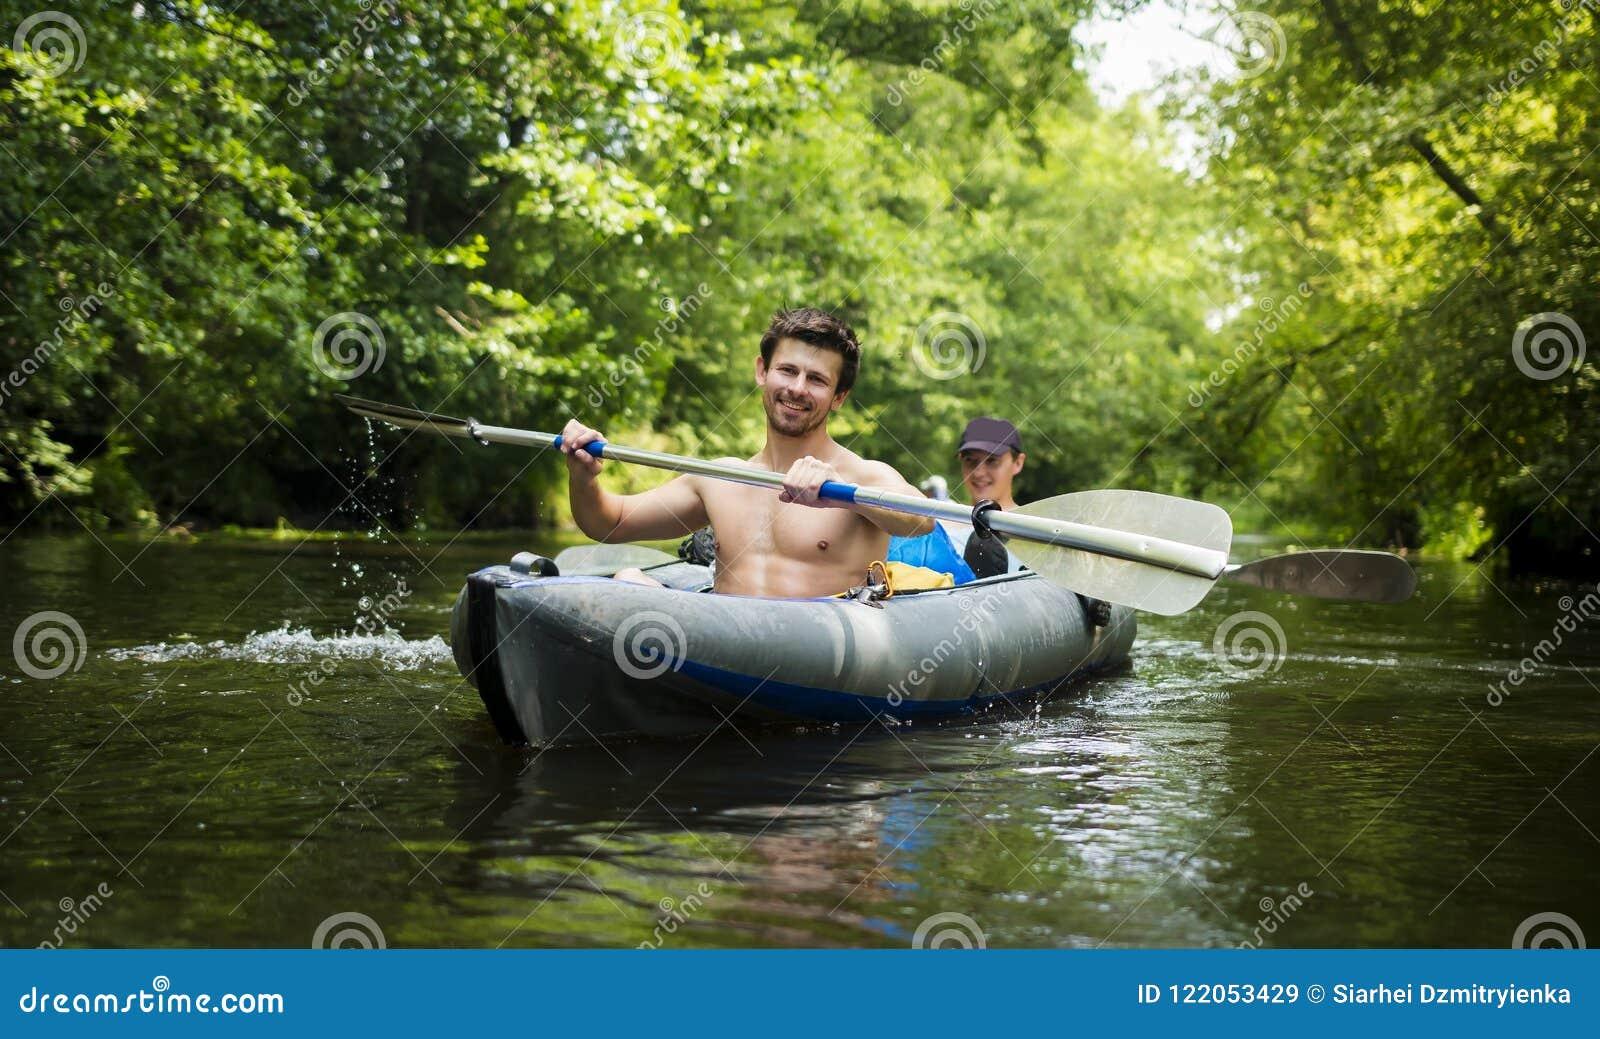 Jonge kerels in boot met roeispanen op rivier tegen achtergrond van groene bomen over water Kayakers in kajak